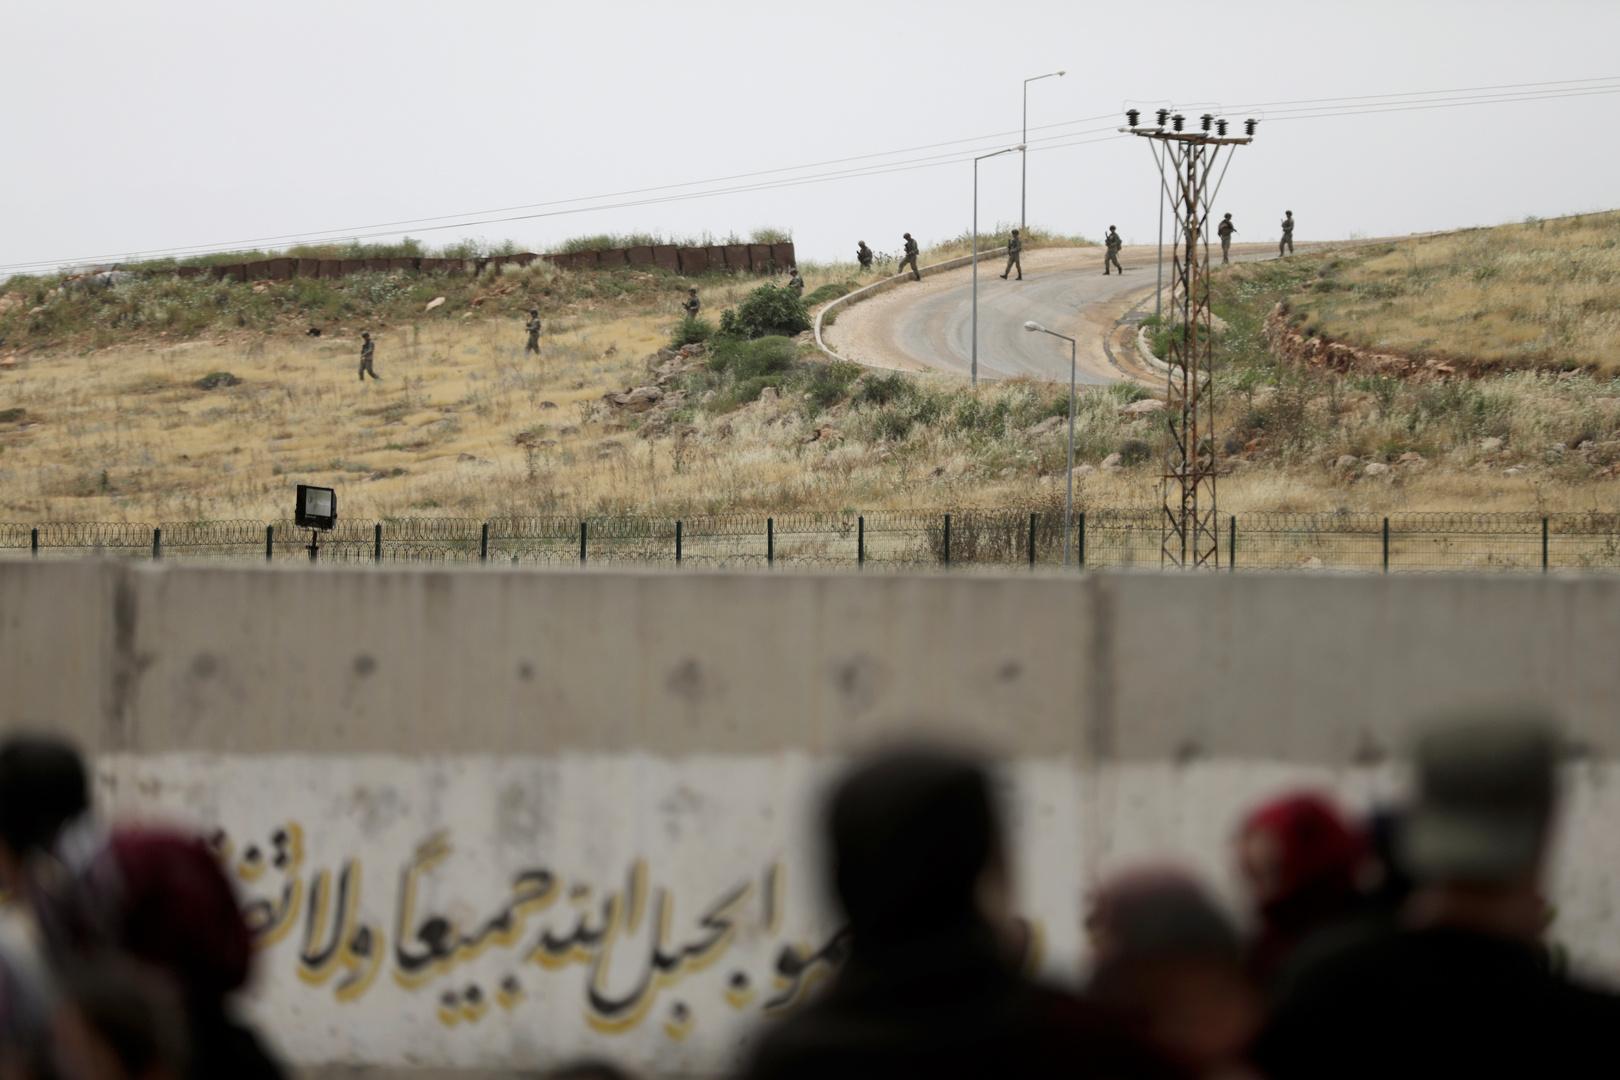 الحدود السورية التركية، تعبيرية